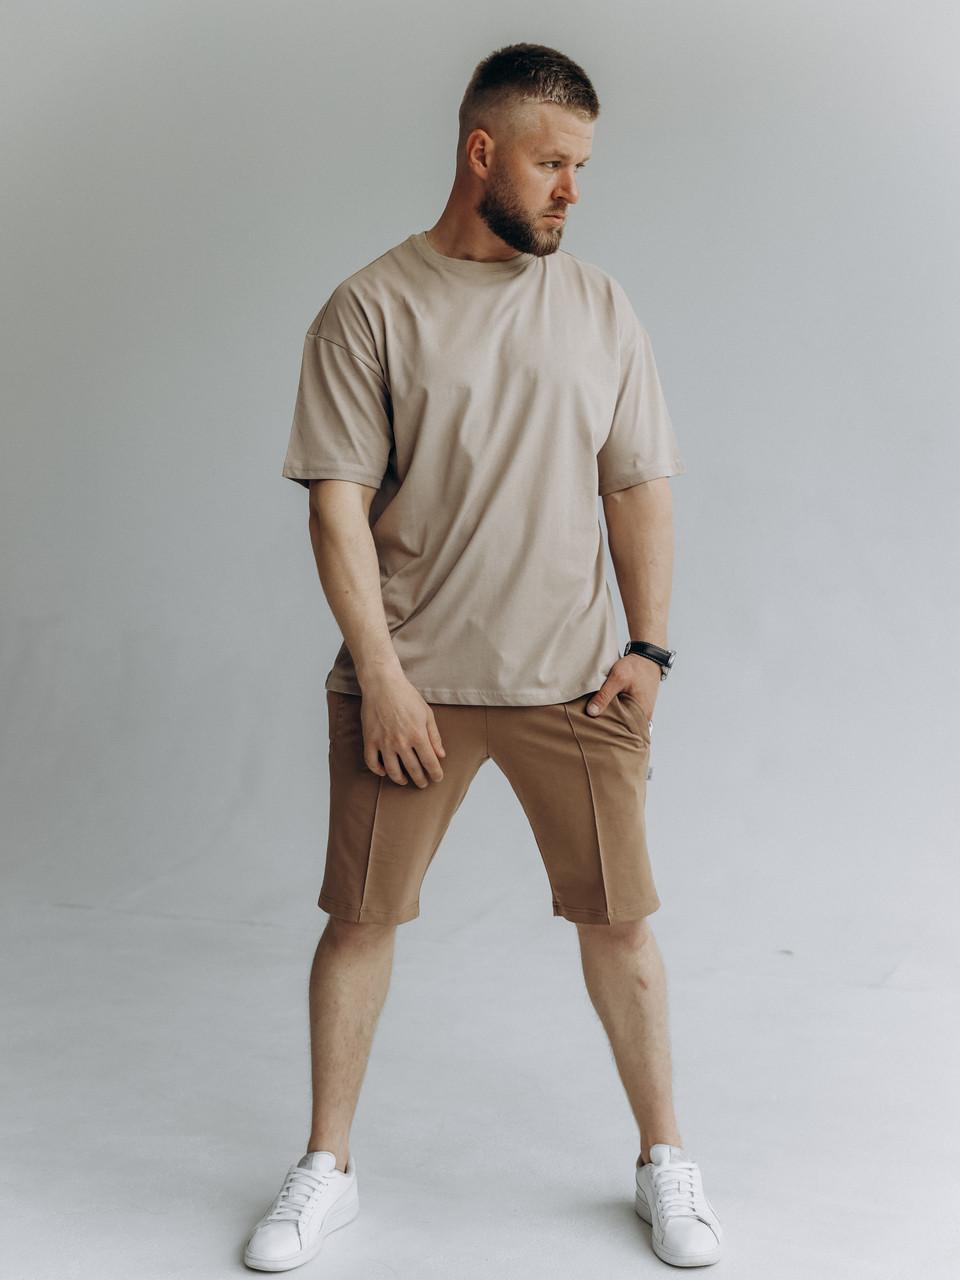 Чоловічий спортивний костюм літній вільна футболка з шортами трикотажний бежевого кольору